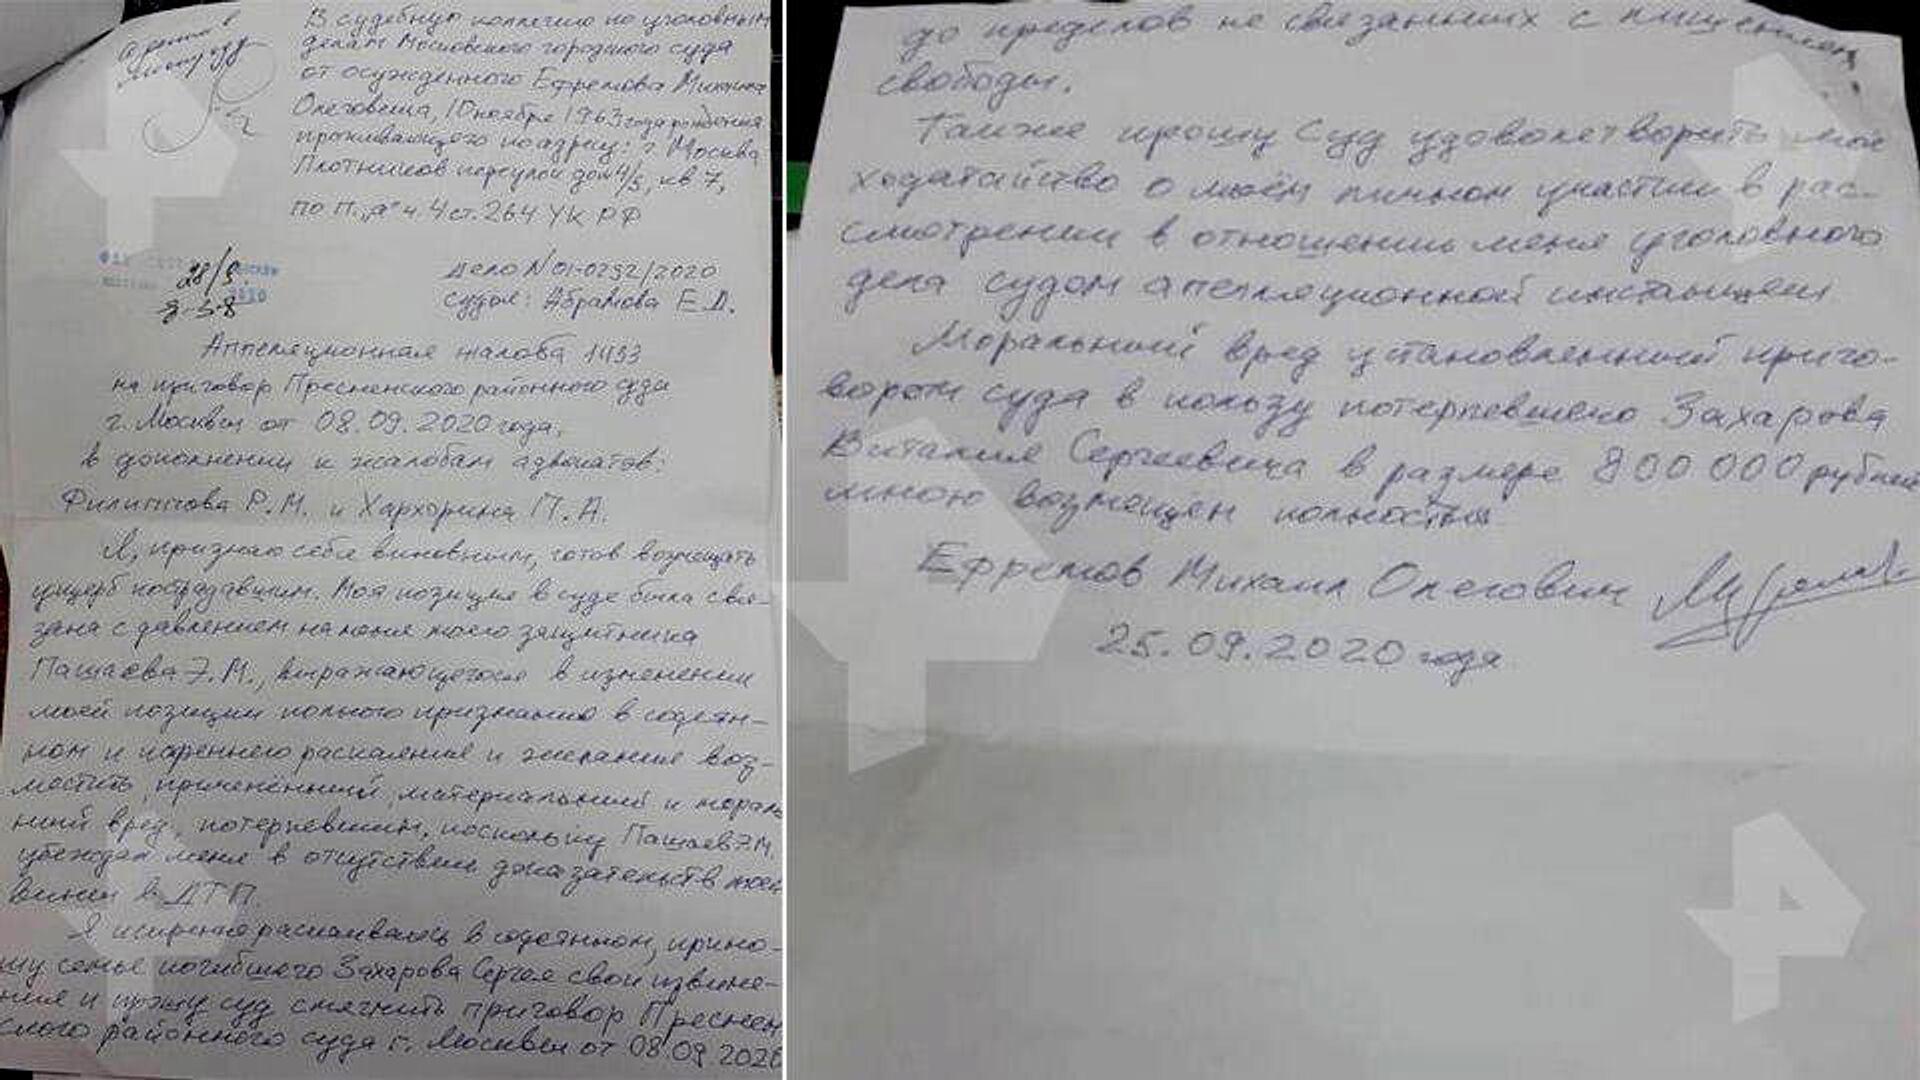 Новое письмо от актера Михаила Ефремова. 1 октября 2020 - РИА Новости, 1920, 01.10.2020